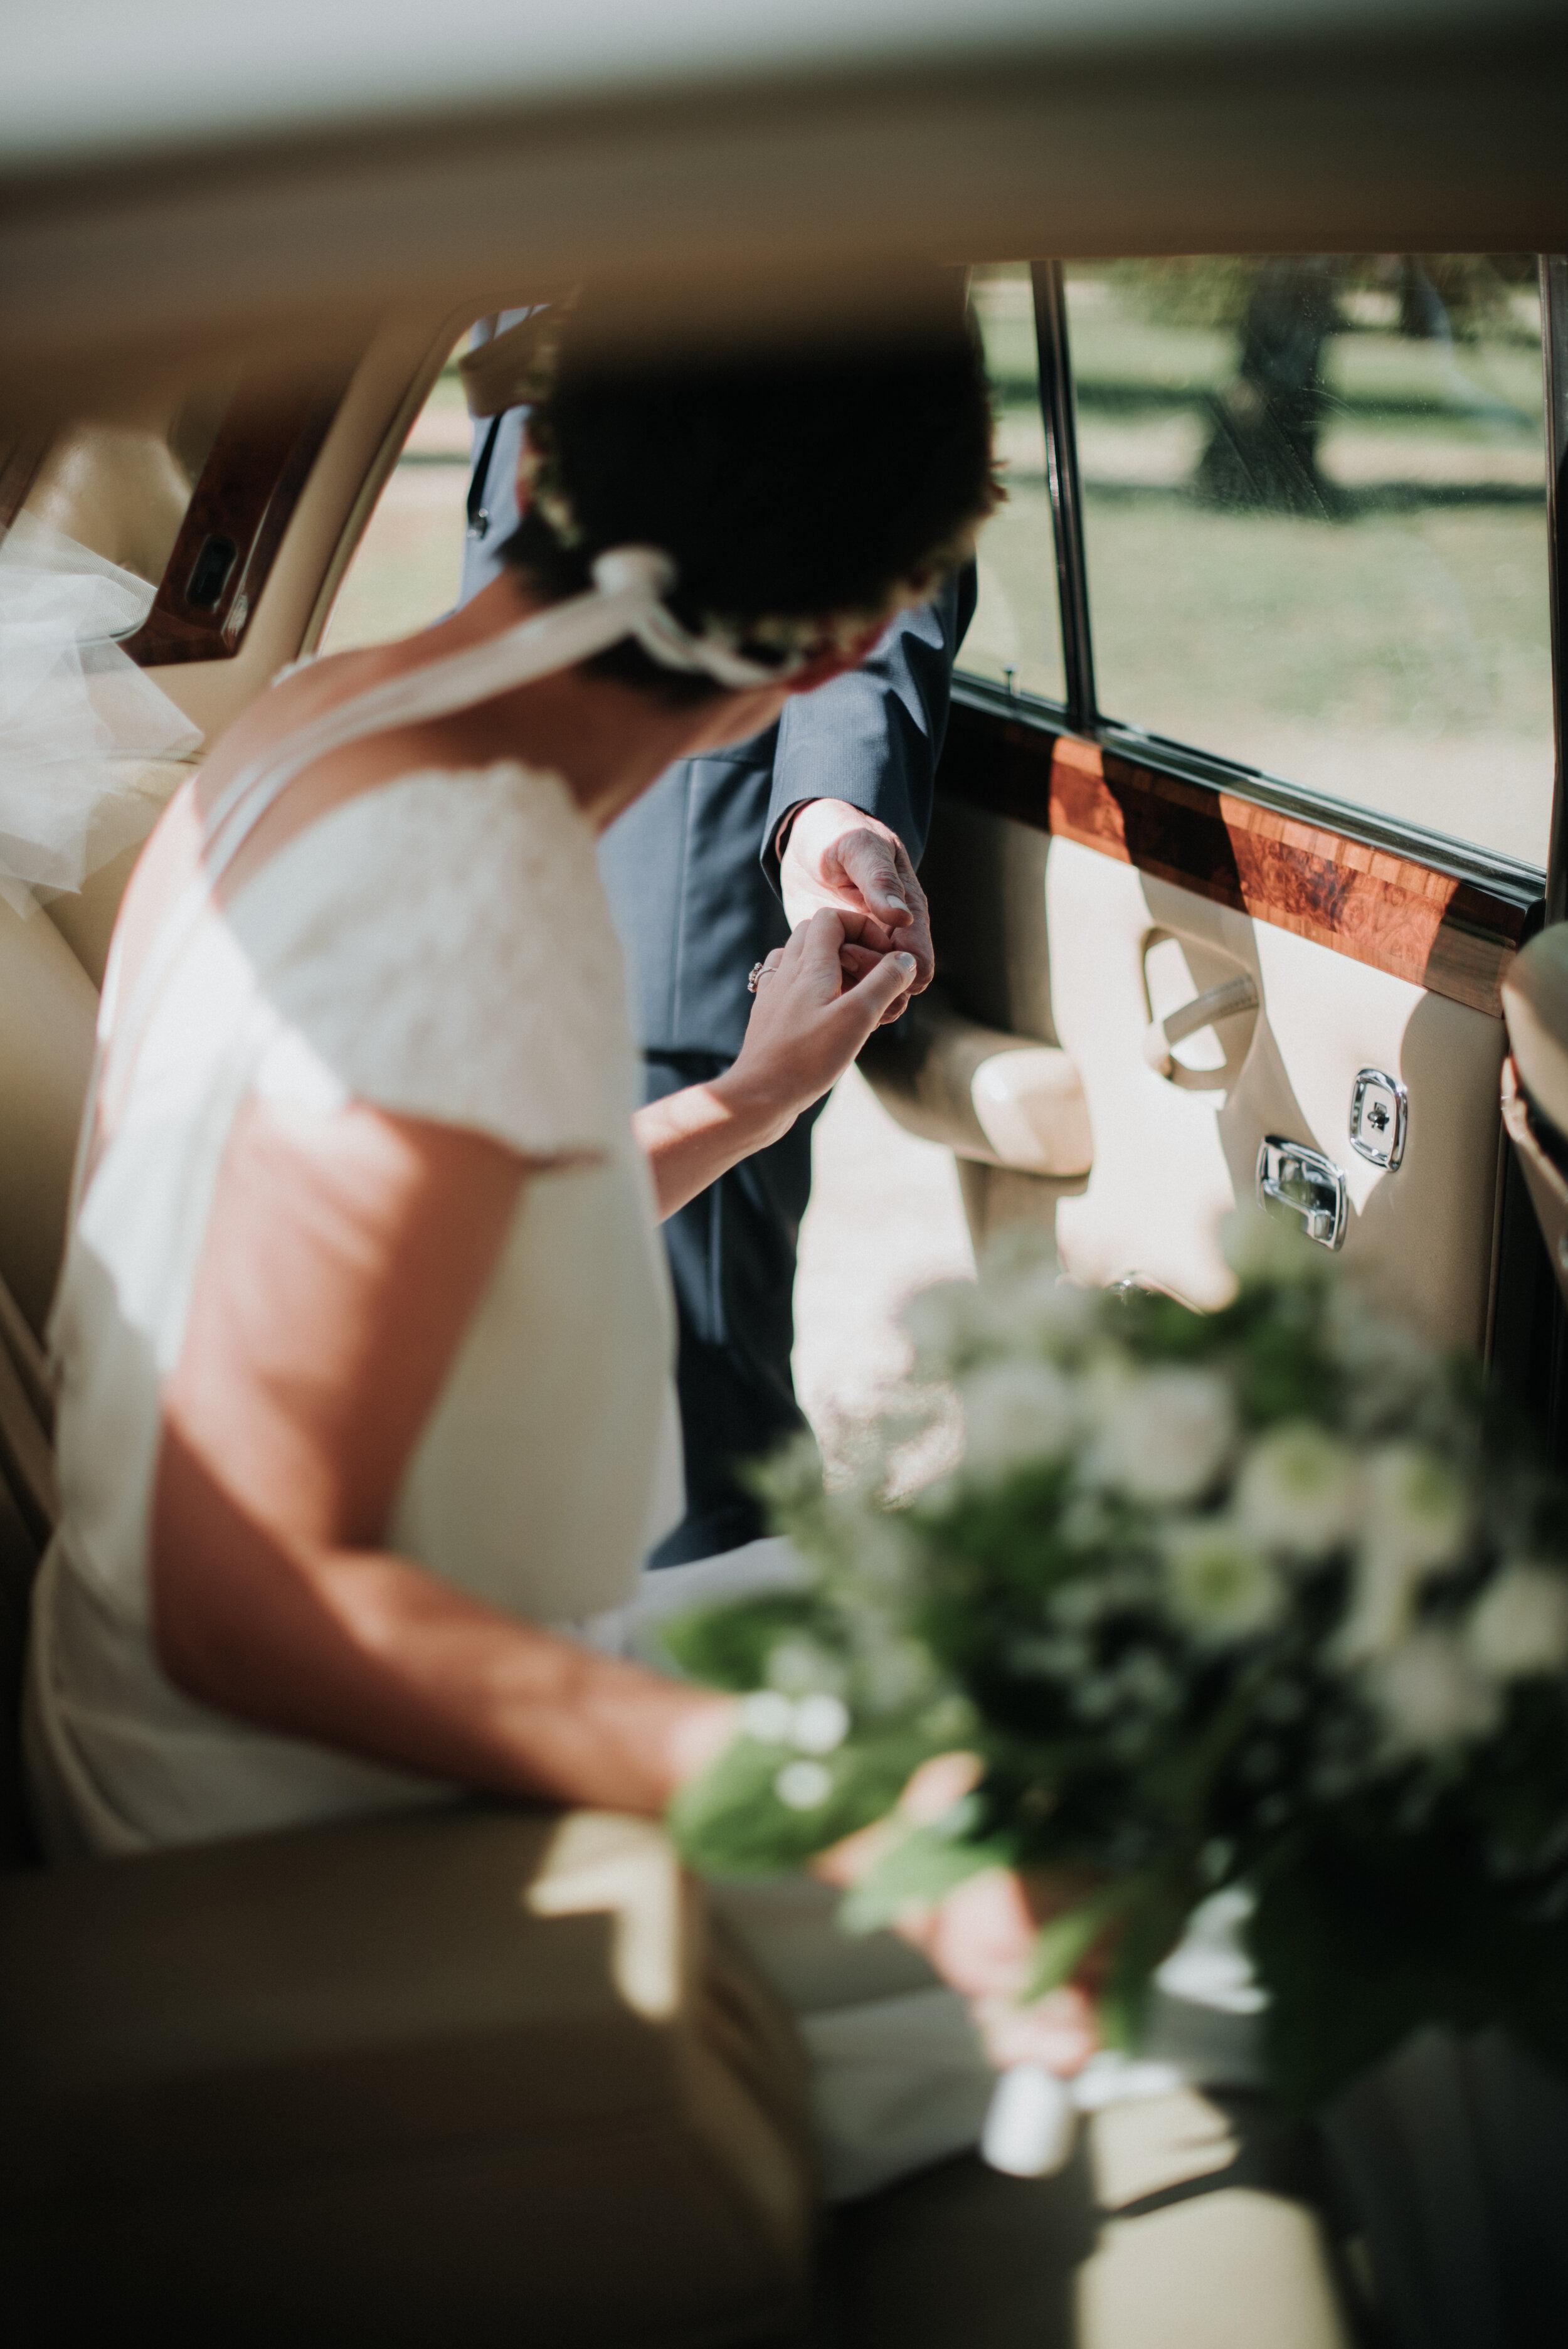 Léa-Fery-photographe-professionnel-lyon-rhone-alpes-portrait-creation-mariage-evenement-evenementiel-famille-5619.jpg